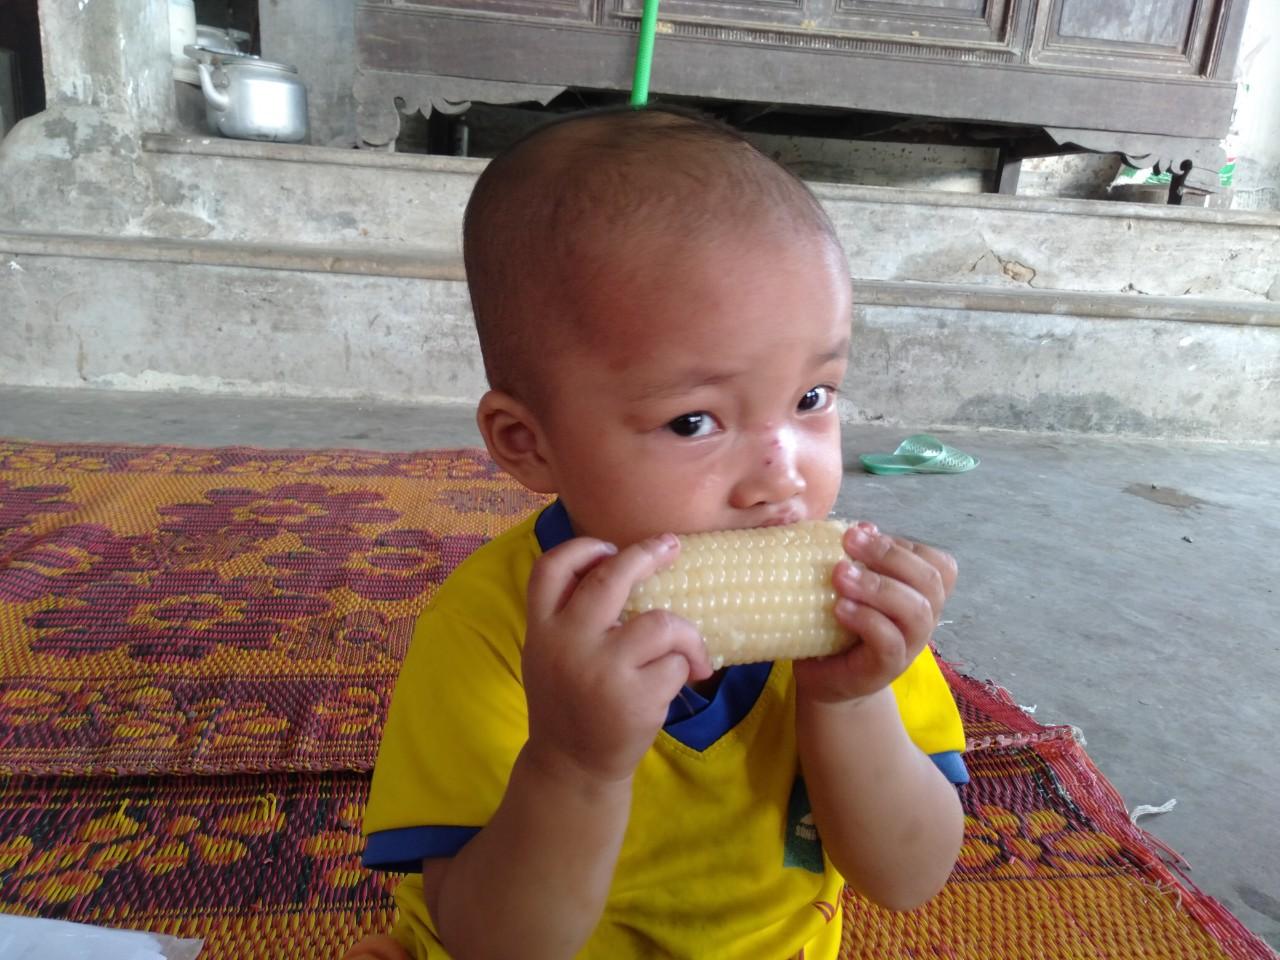 Tiếng khóc xé lòng của bé gái 3 tuổi mắc bệnh hiểm nghèo: 'Bà ơi, cháu đau lắm, sao bố mẹ mãi không về hả bà?' - Ảnh 10